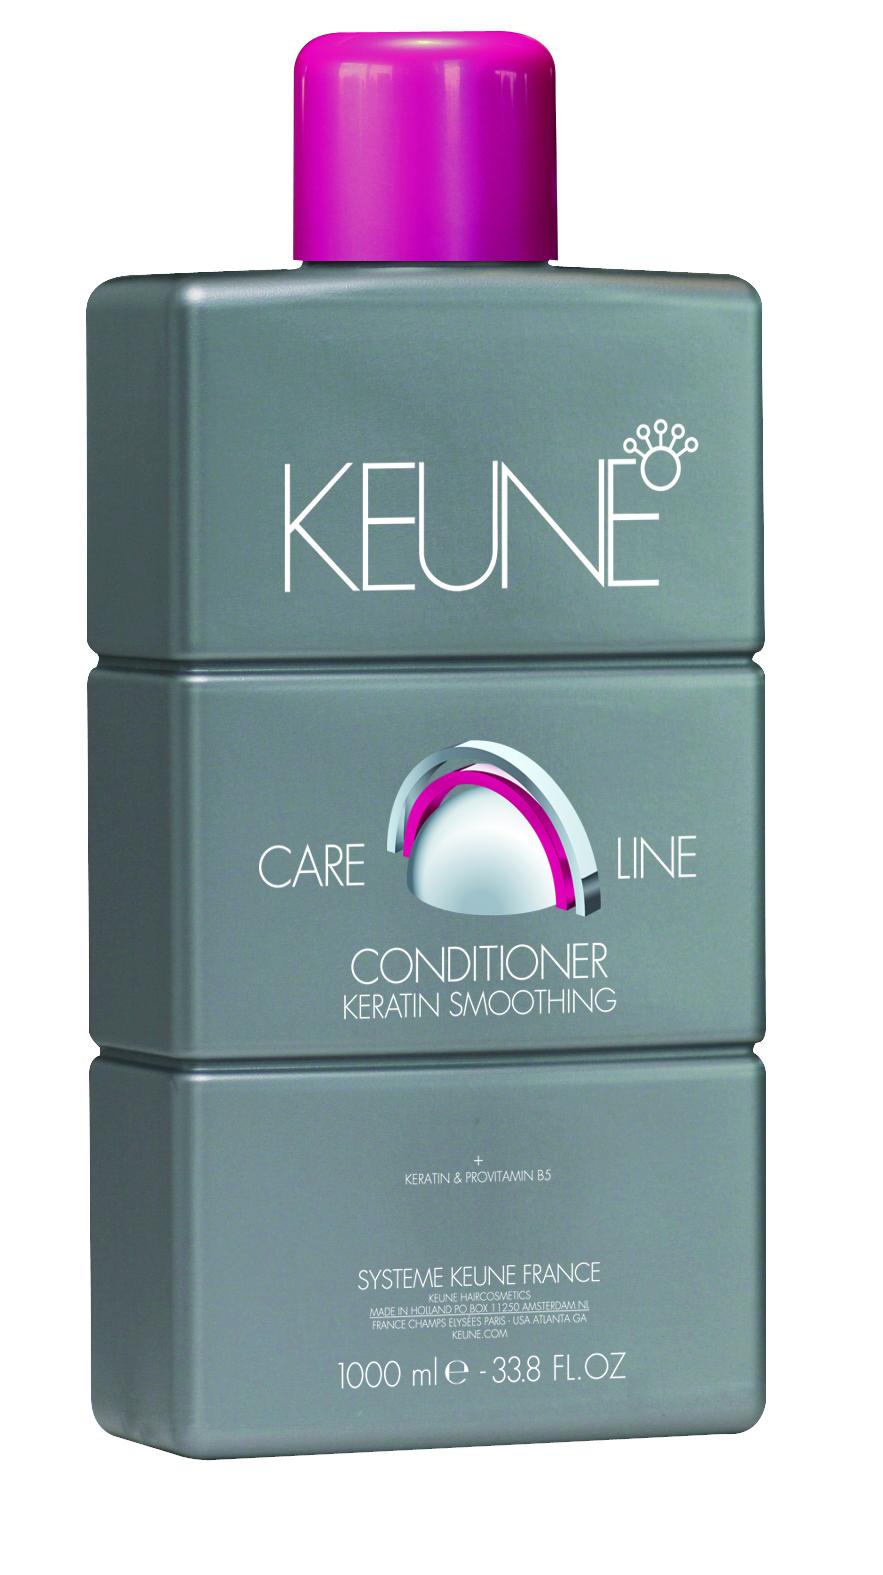 KEUNE Кондиционер Кэе Лайн Кератиновый комплекс / CL KERATIN SMOOTING CONDITIONER 1000мл keune кондиционер спрей 2 фазный для кудрявых волос кэе лайн cl control 2 phase spray 400мл